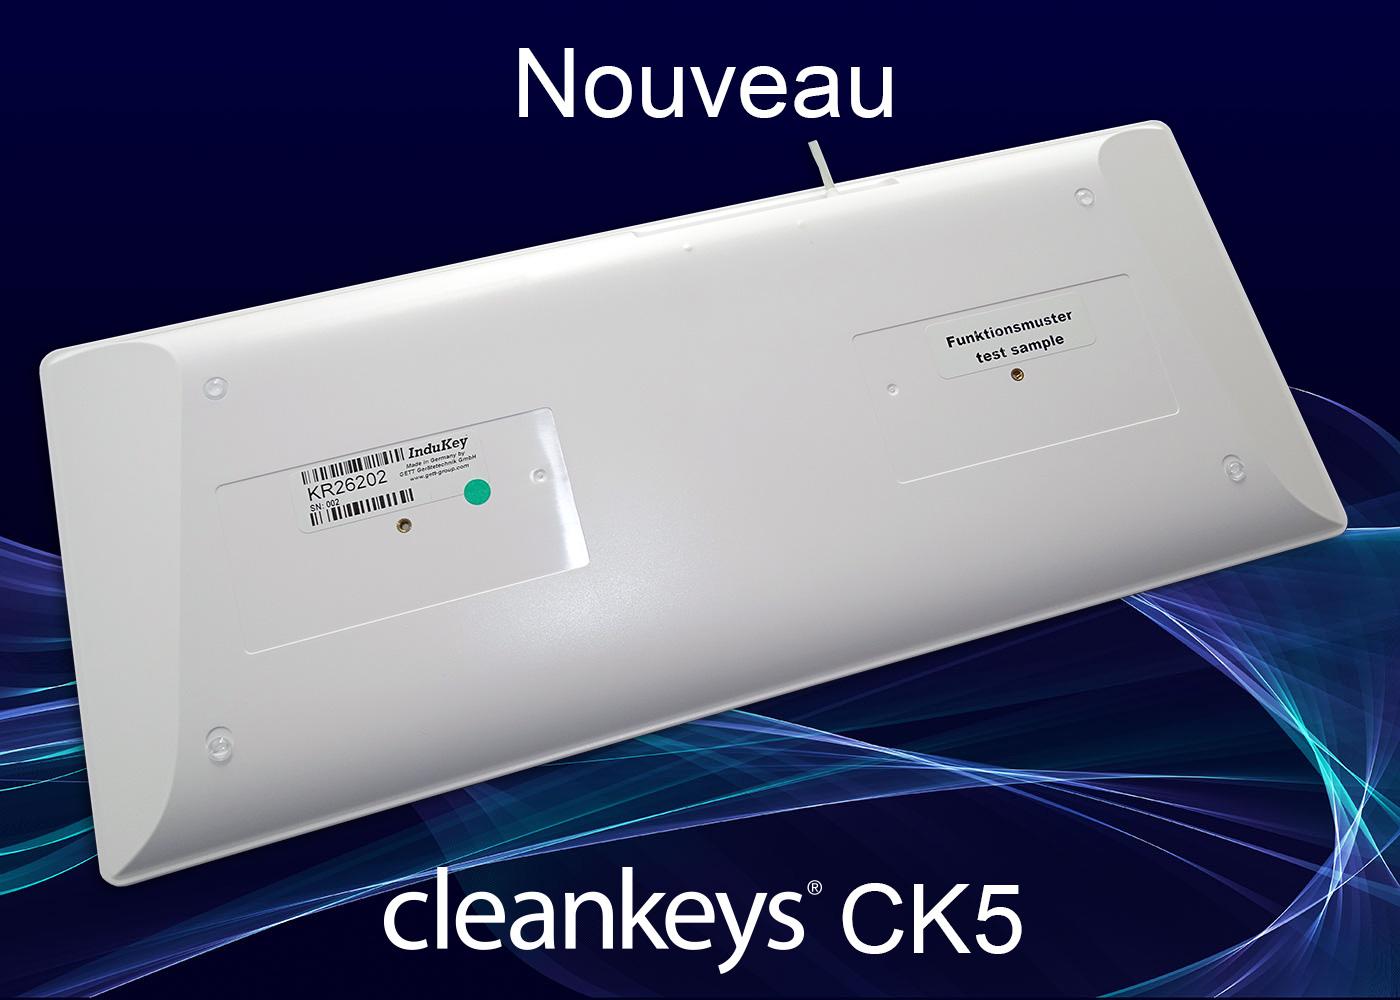 Clavier cleankeys®CK5 filaire – Vue dessous